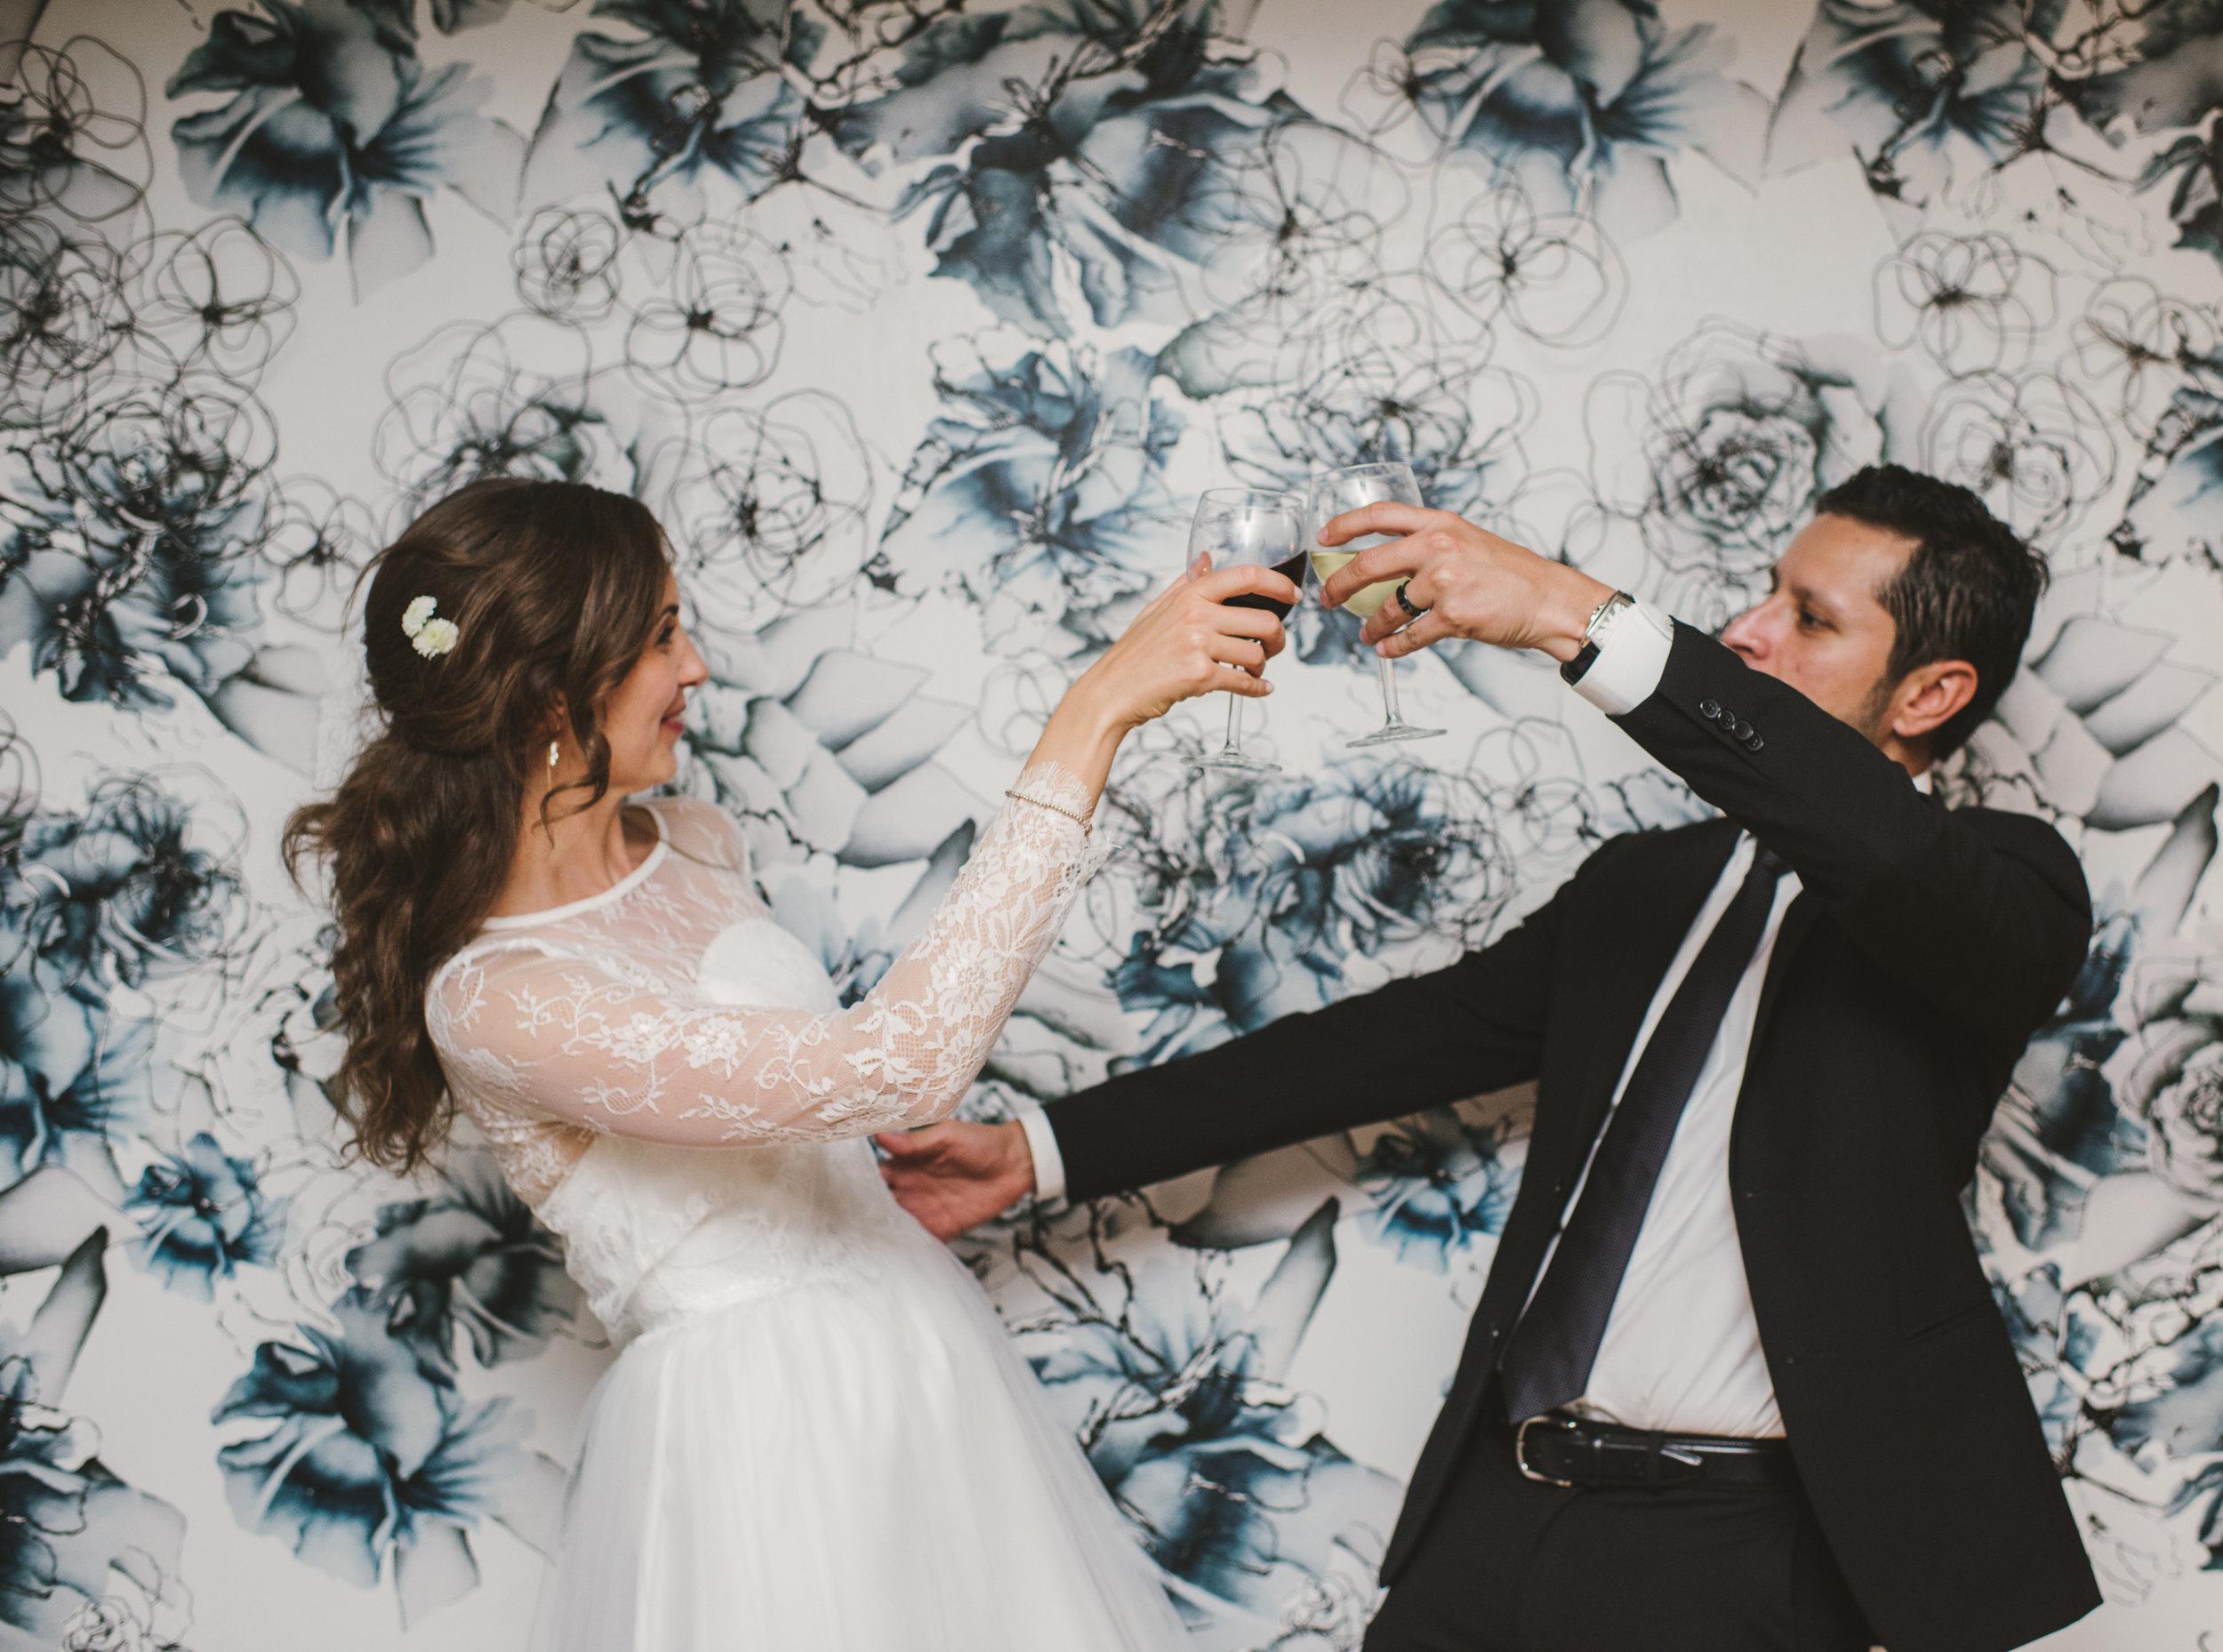 VIOSIN-MADRIAL - INTIMATE WEDDING - MAMANN - GREENPOINT BROOKLYN - TWOTWENTY by CHI-CHI AGBIM-434.jpg